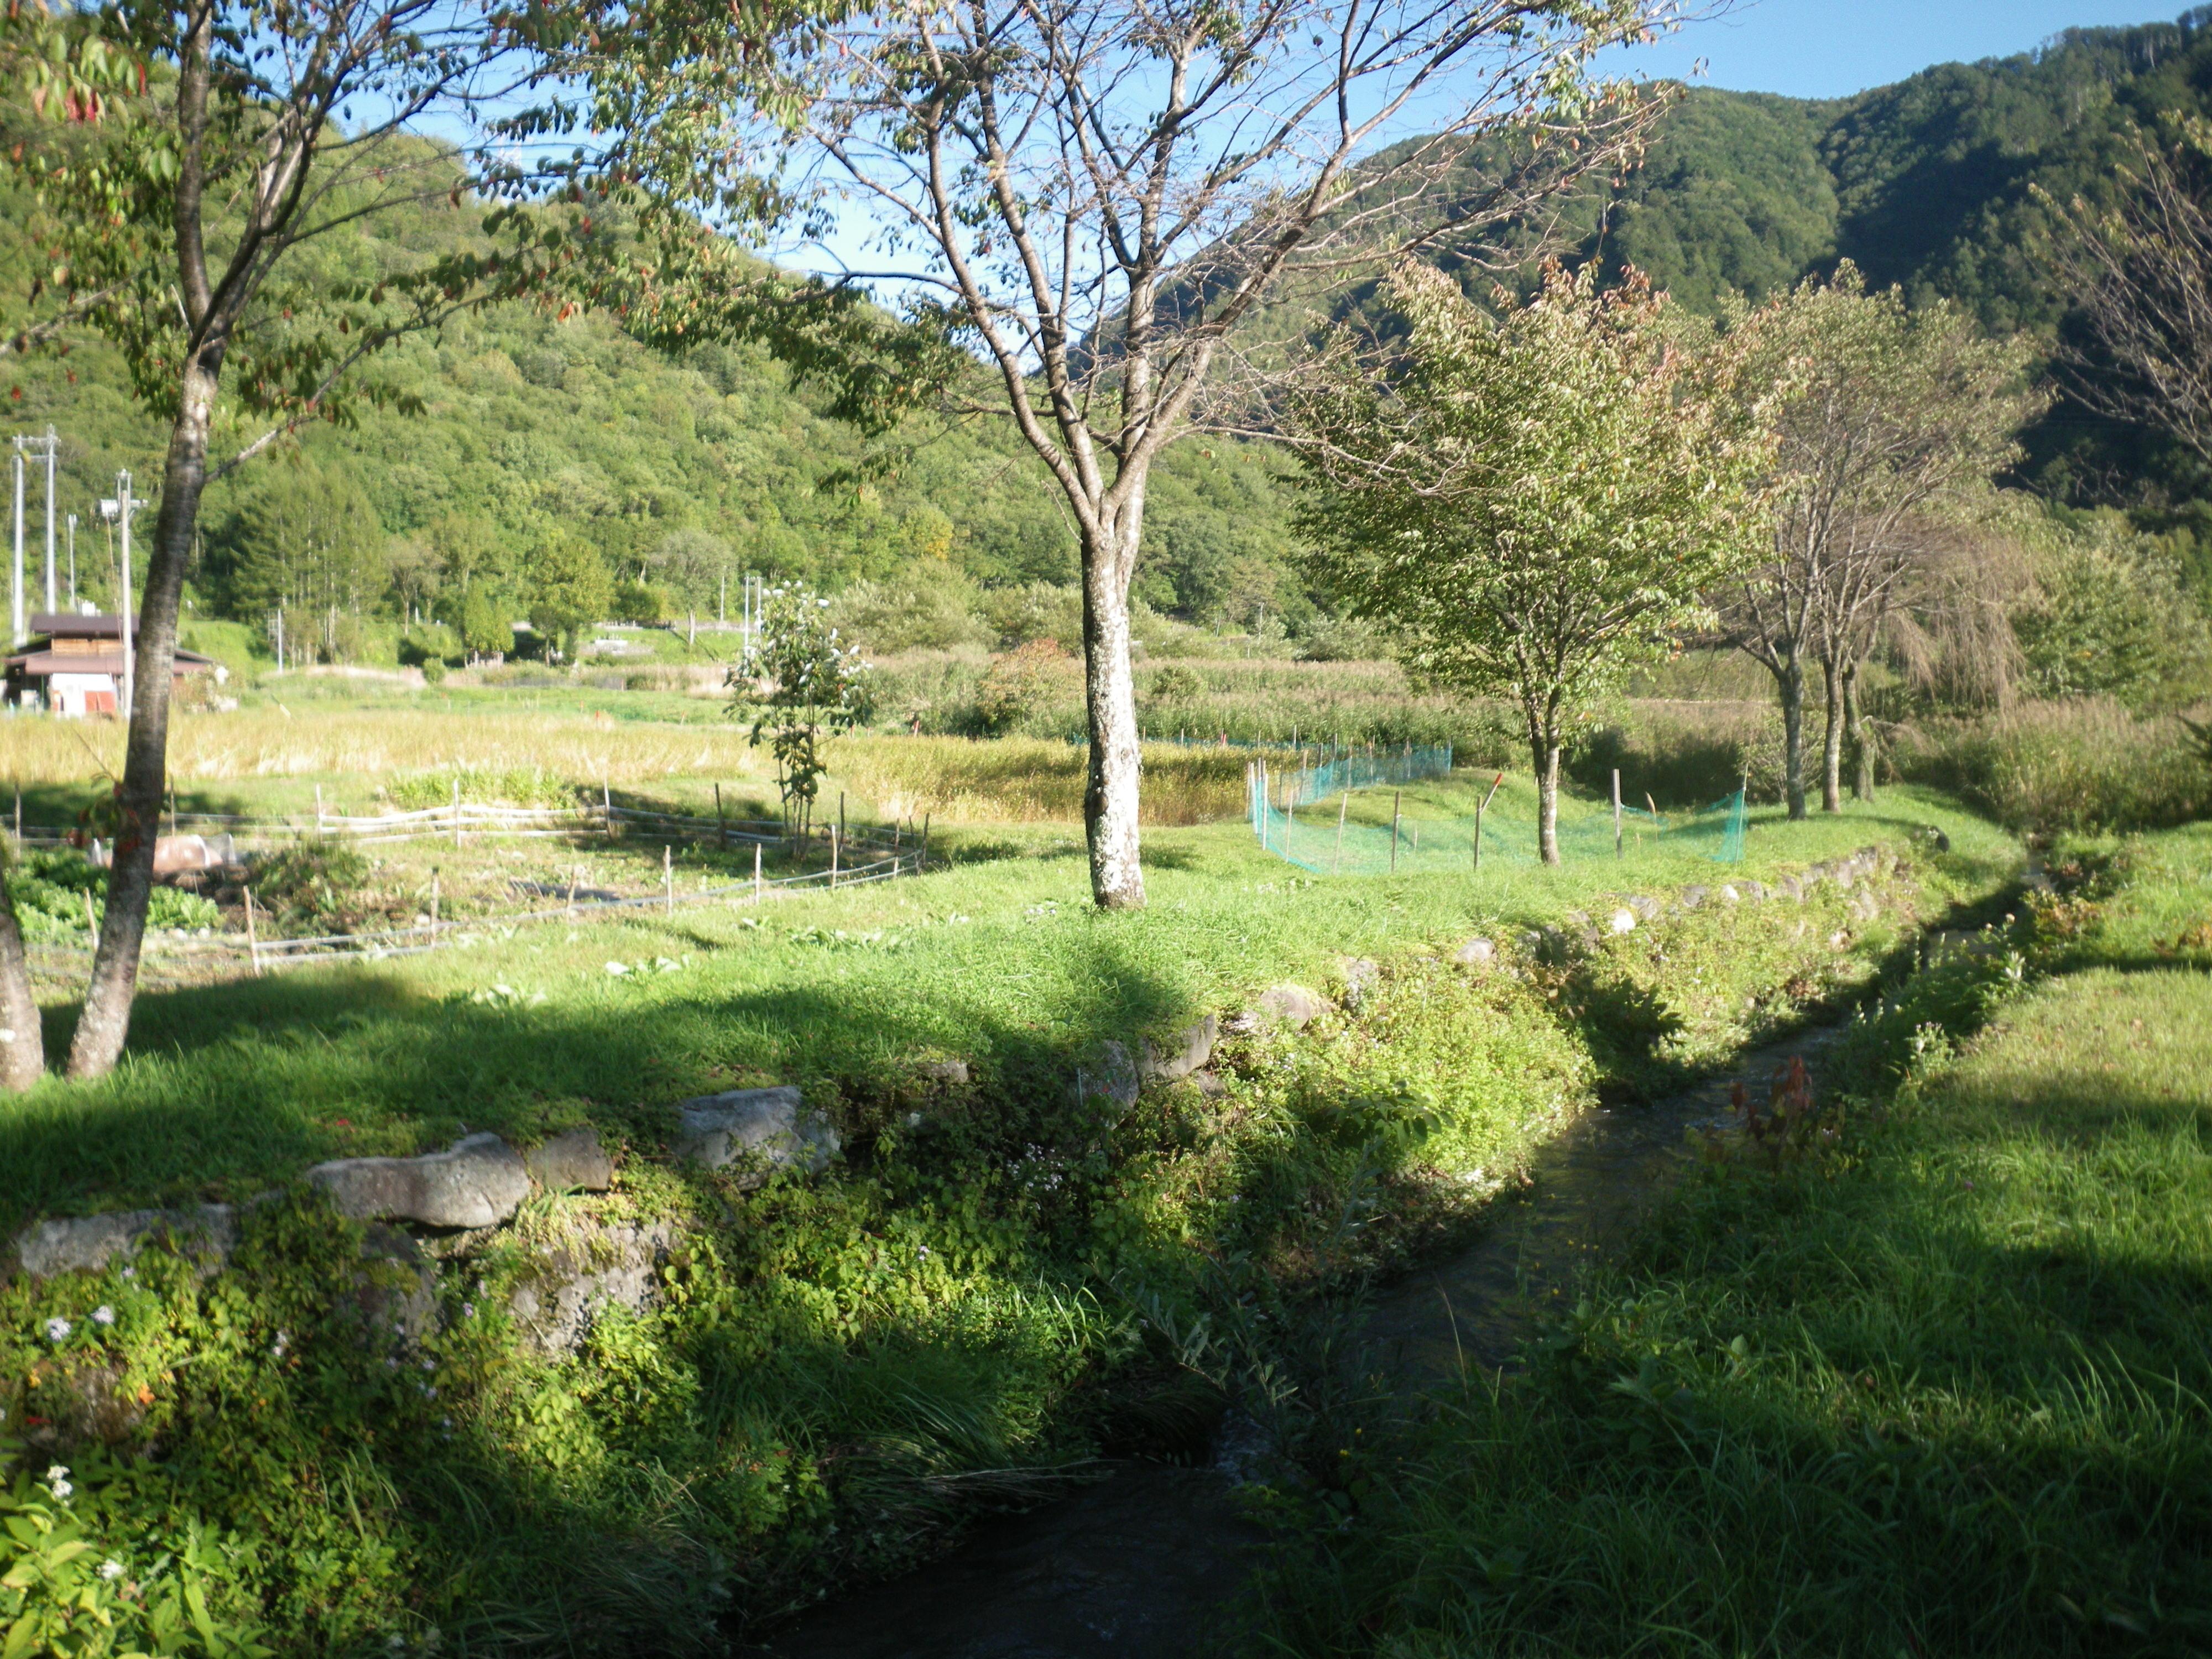 神秘の村、王滝③ | 是より木曽路